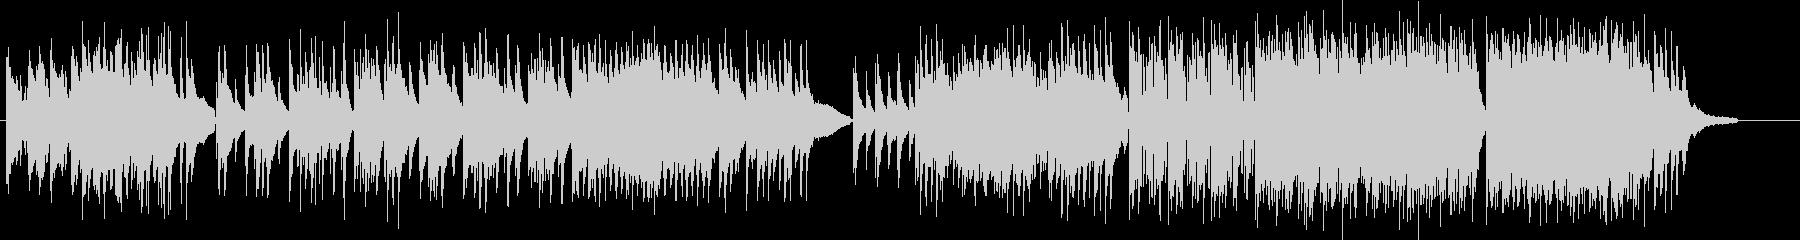 しっとり且つスケール感のあるピアノ曲の未再生の波形